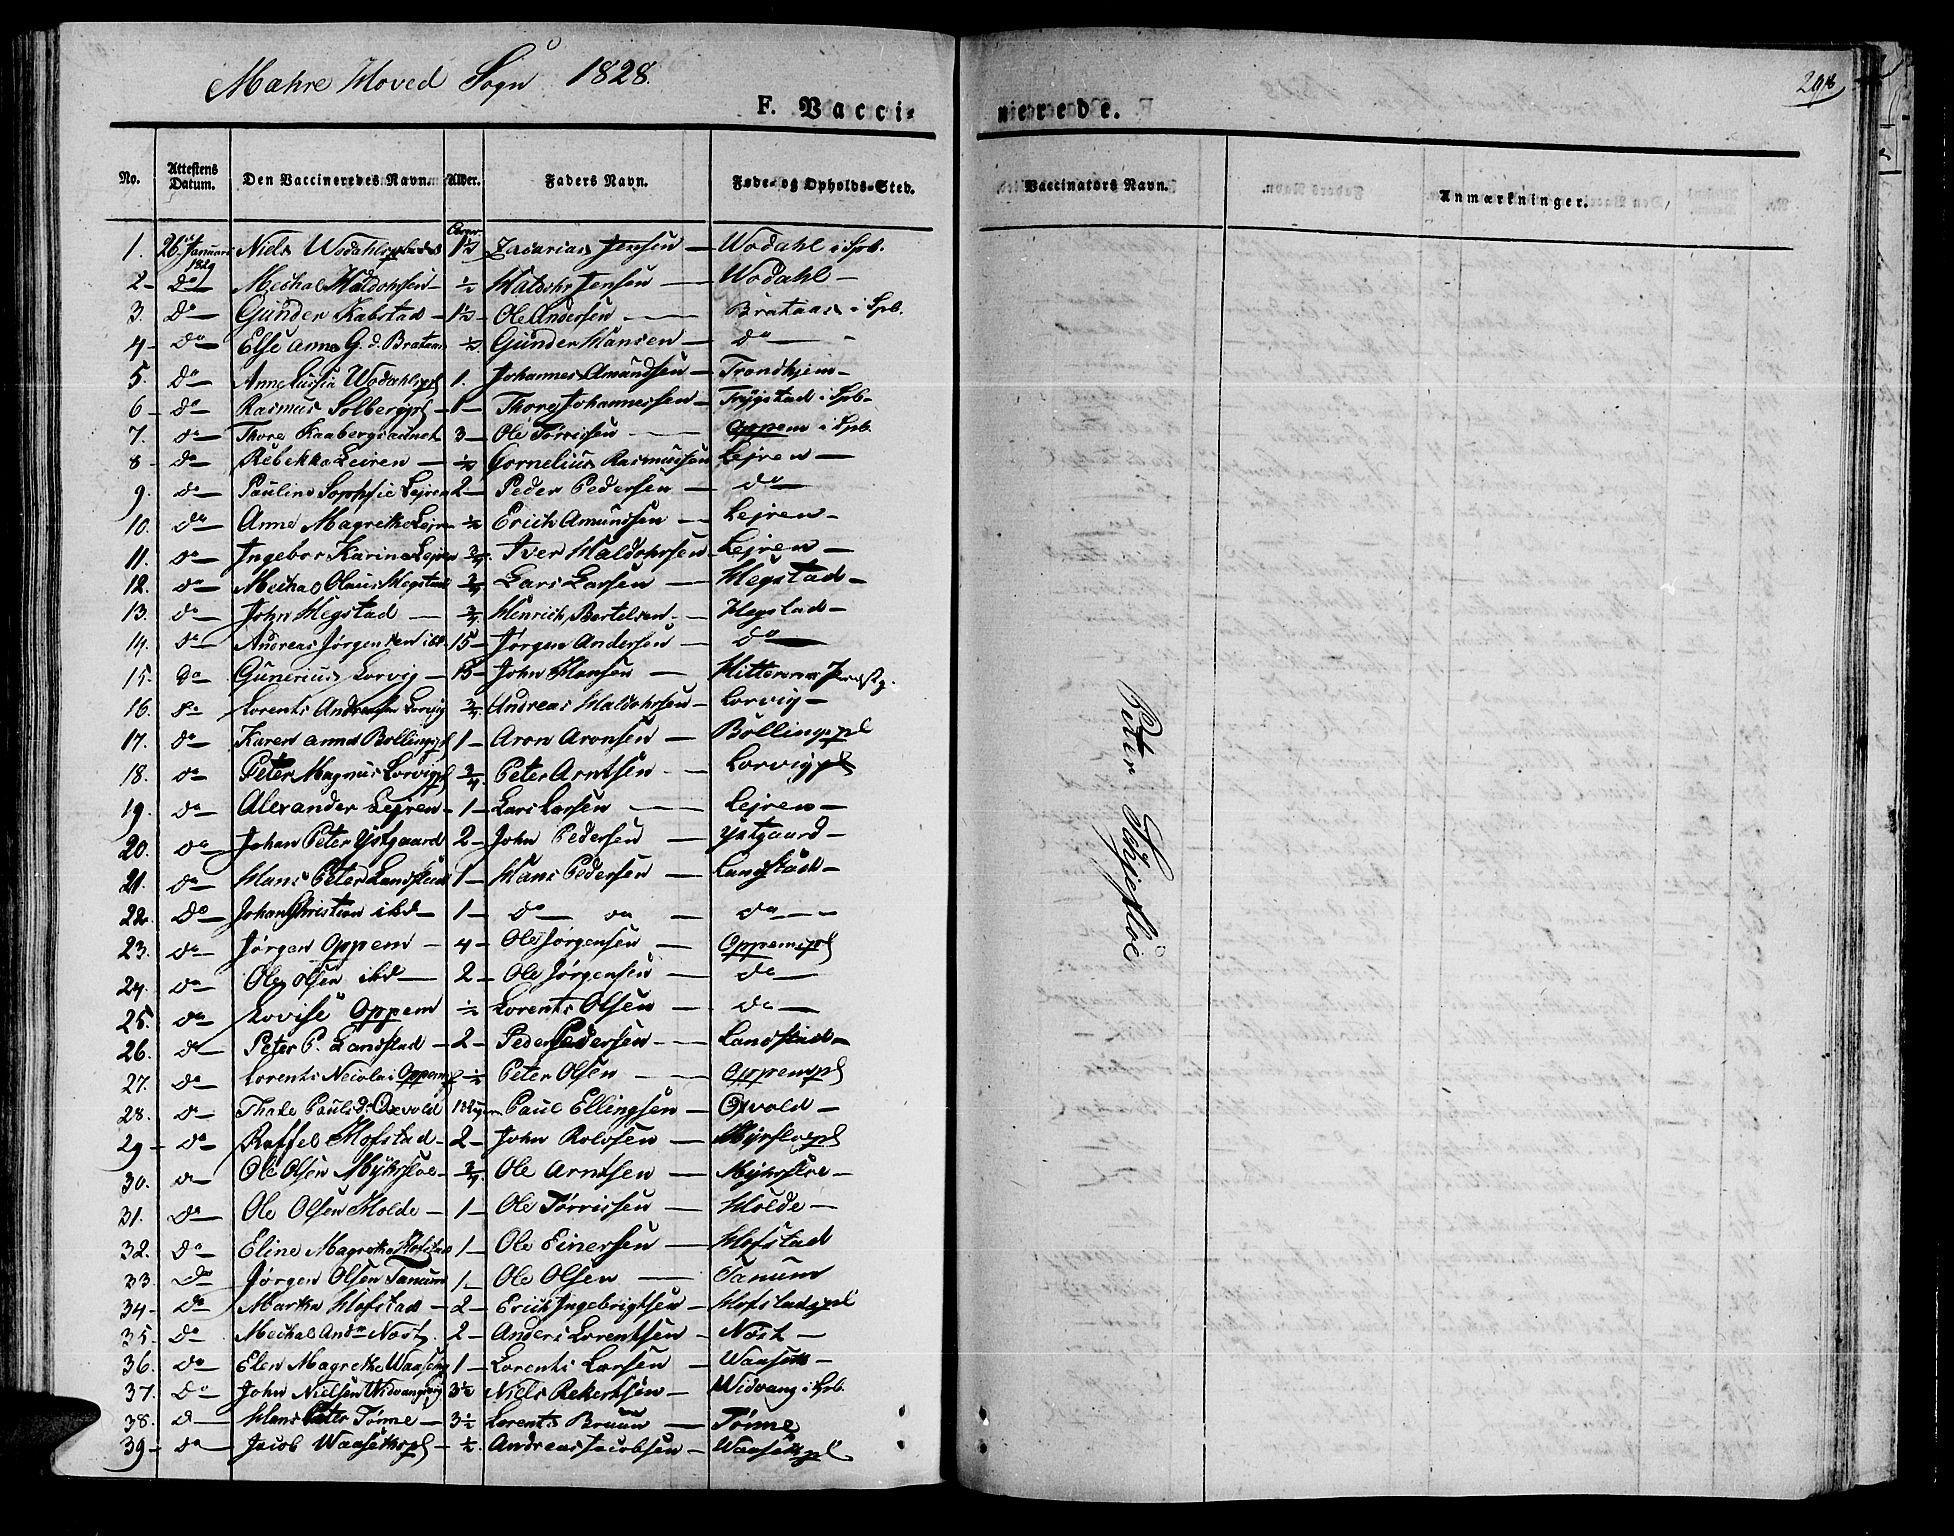 SAT, Ministerialprotokoller, klokkerbøker og fødselsregistre - Nord-Trøndelag, 735/L0336: Ministerialbok nr. 735A05 /1, 1825-1835, s. 298